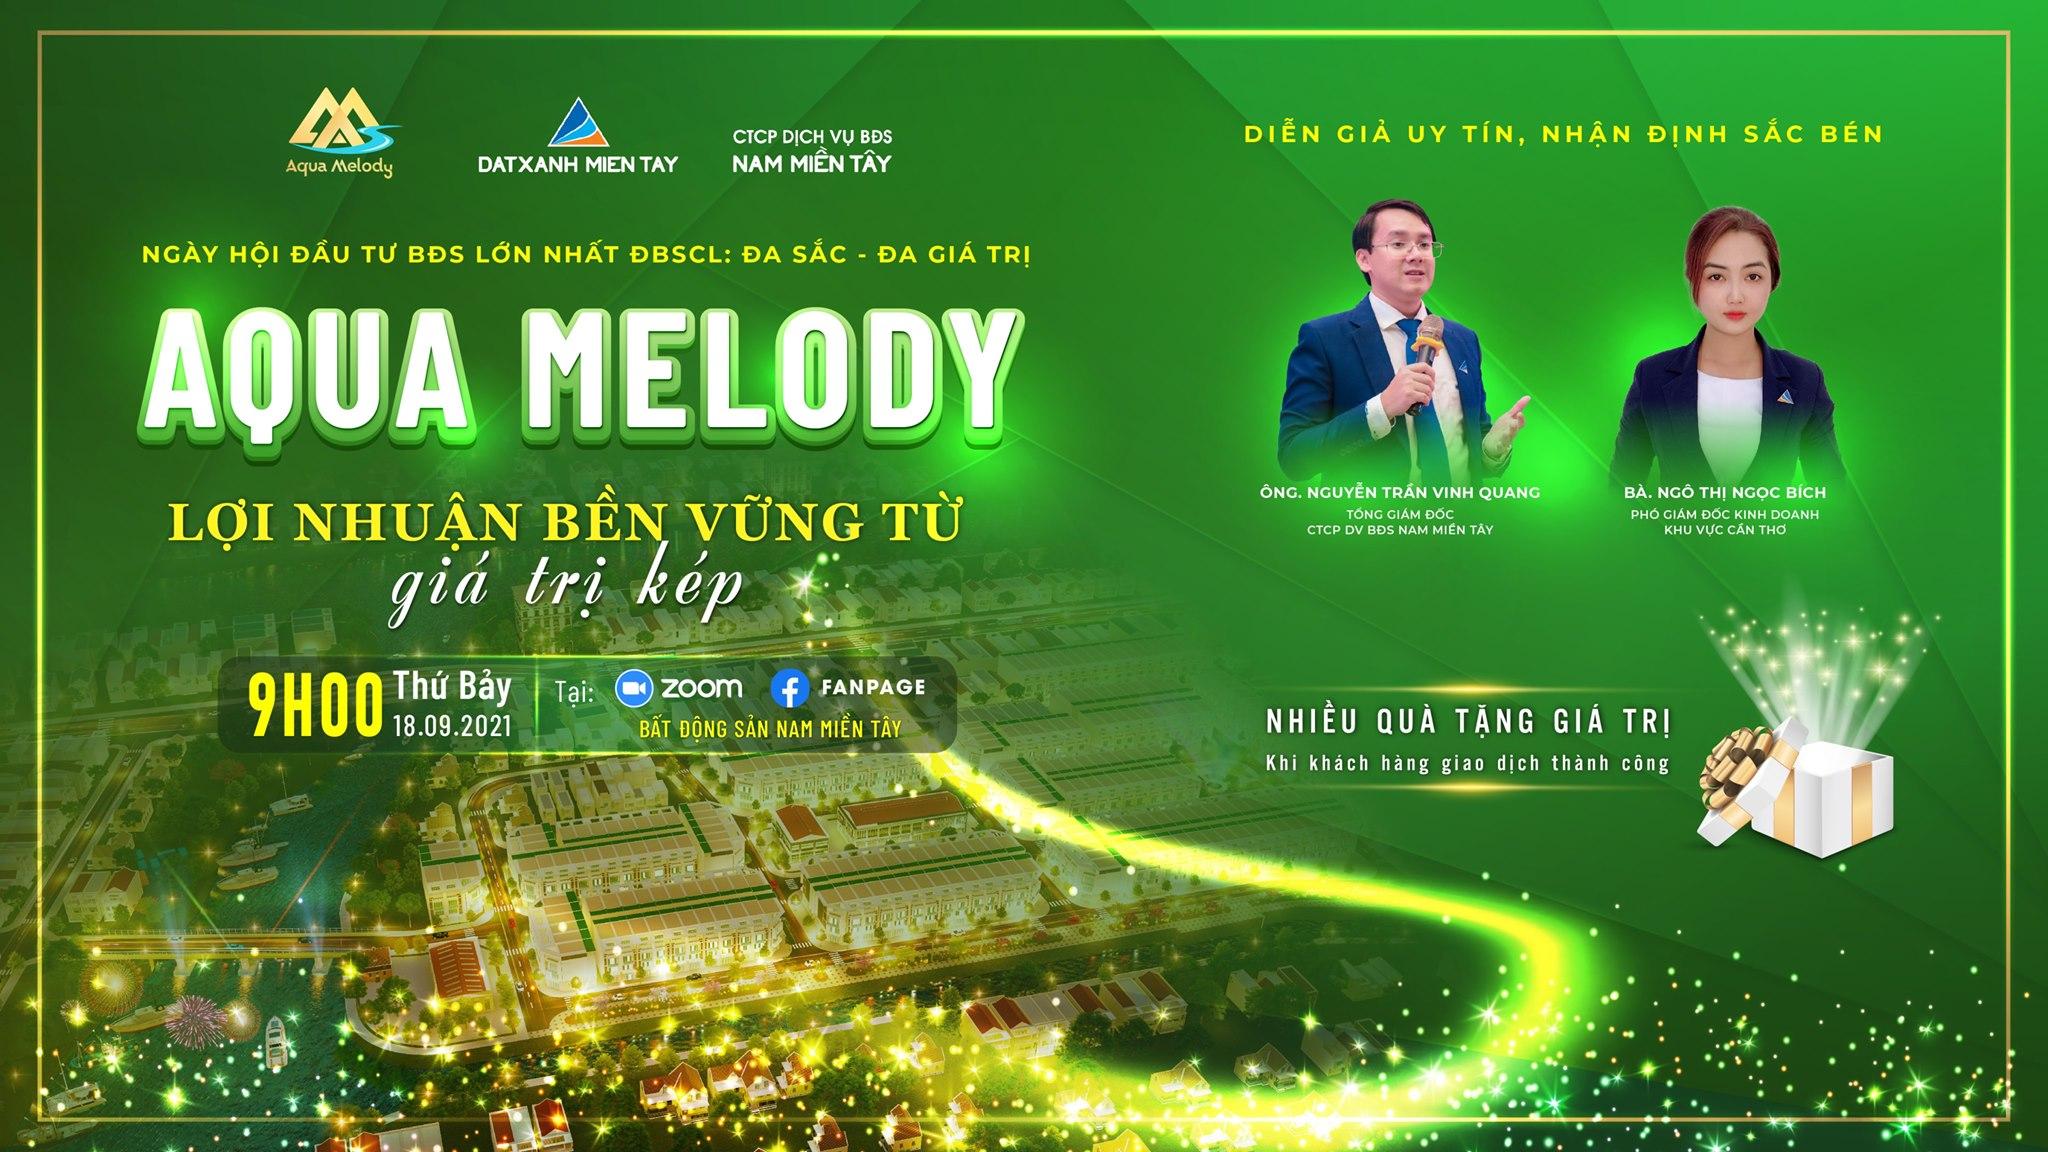 Sự kiện bất động sản An Giang - Ngày hội đầu tư BĐS lớn nhất ĐBSCL: đa sắc - đa giá trị cùng Aqua Melody 18-9-2021